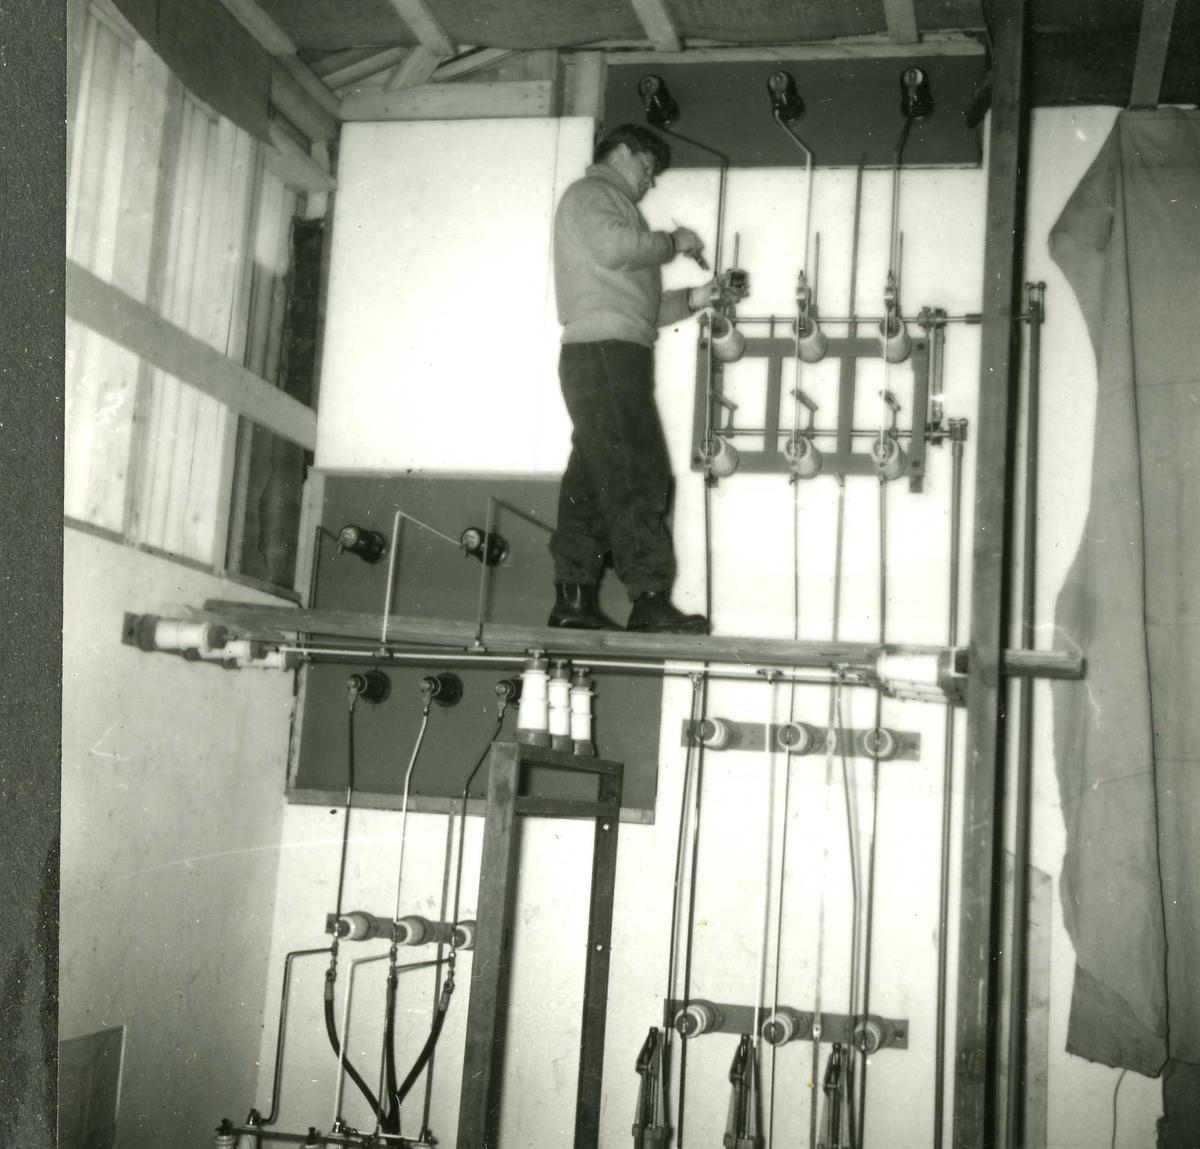 183-3 Person i arbeid Hyllandsfossen kraftverk